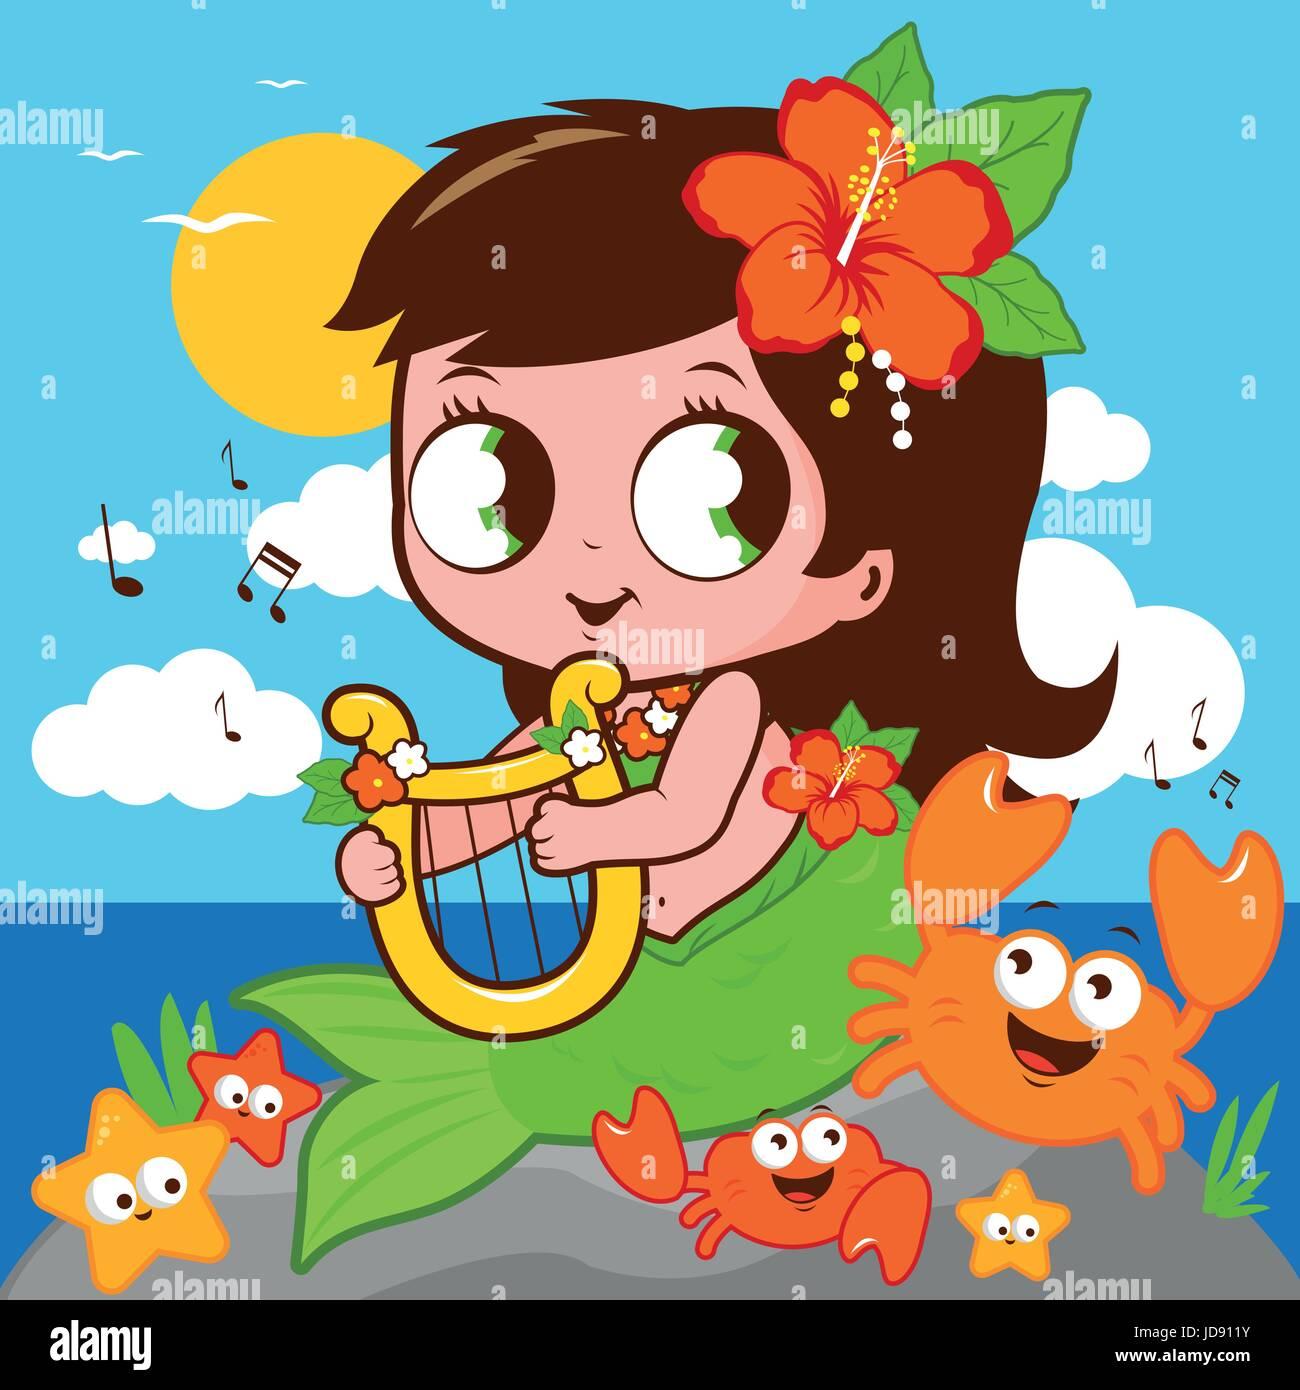 Mermaid Cartoon Stockfotos & Mermaid Cartoon Bilder - Seite 3 - Alamy